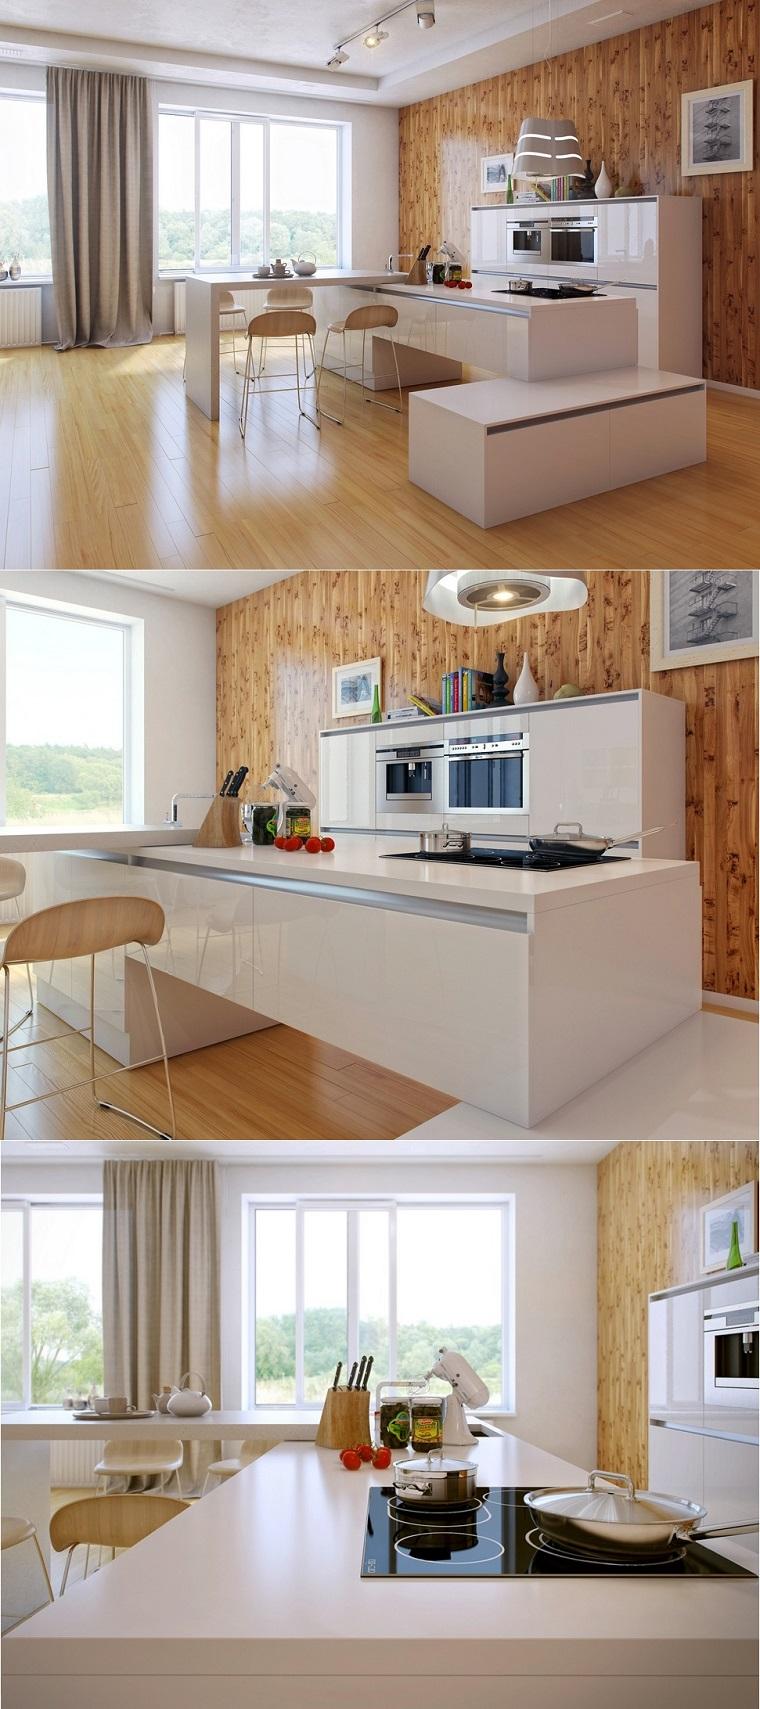 cocina blanca estilo minimalista pared madera isla ideas